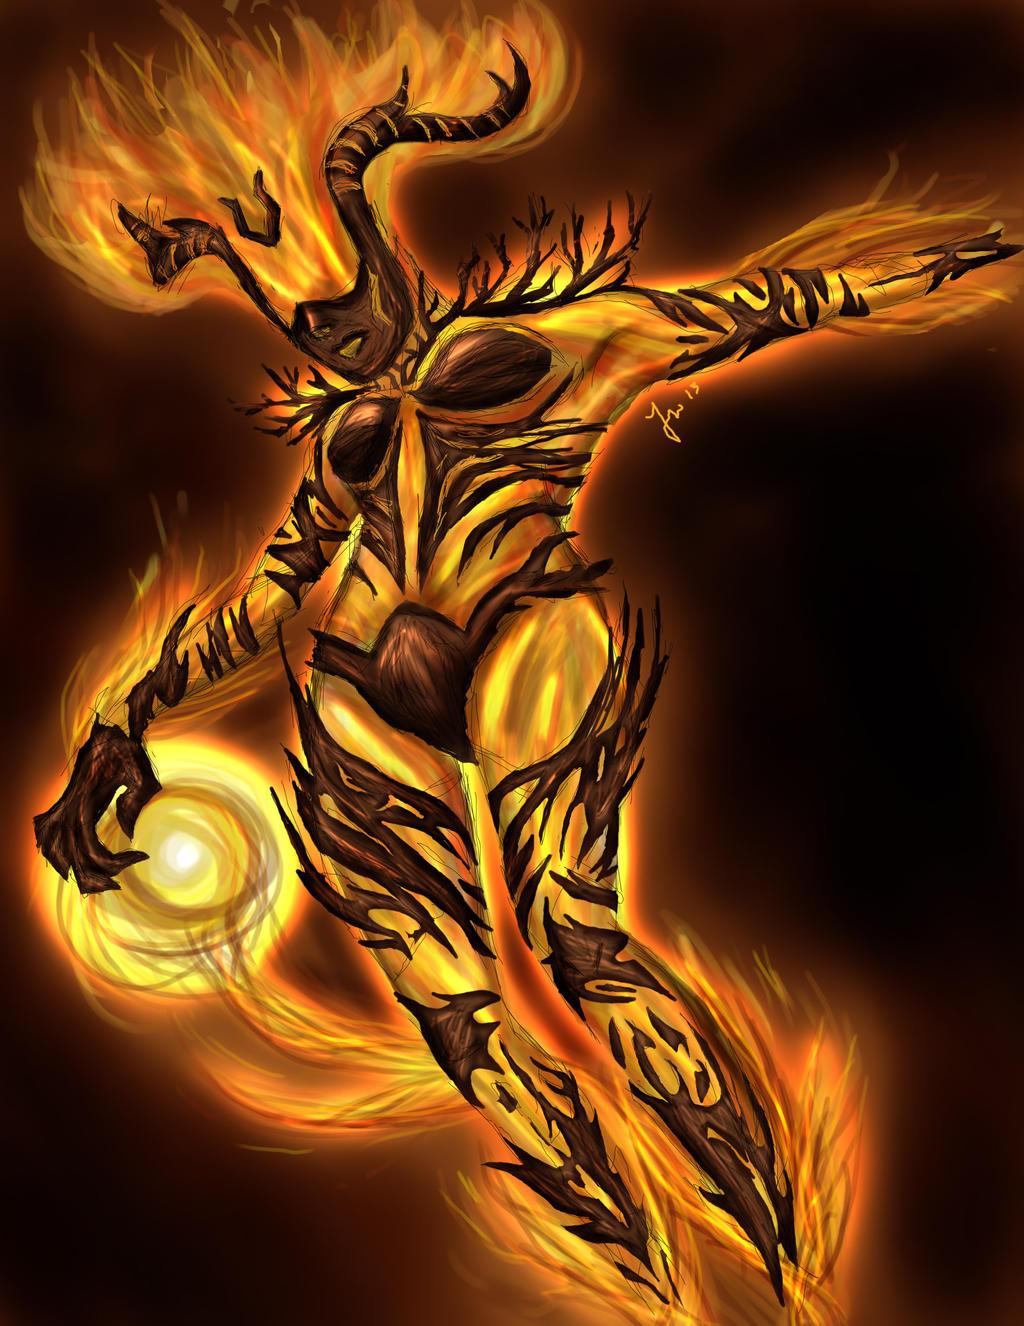 Flame Atronach by Kaizoku501